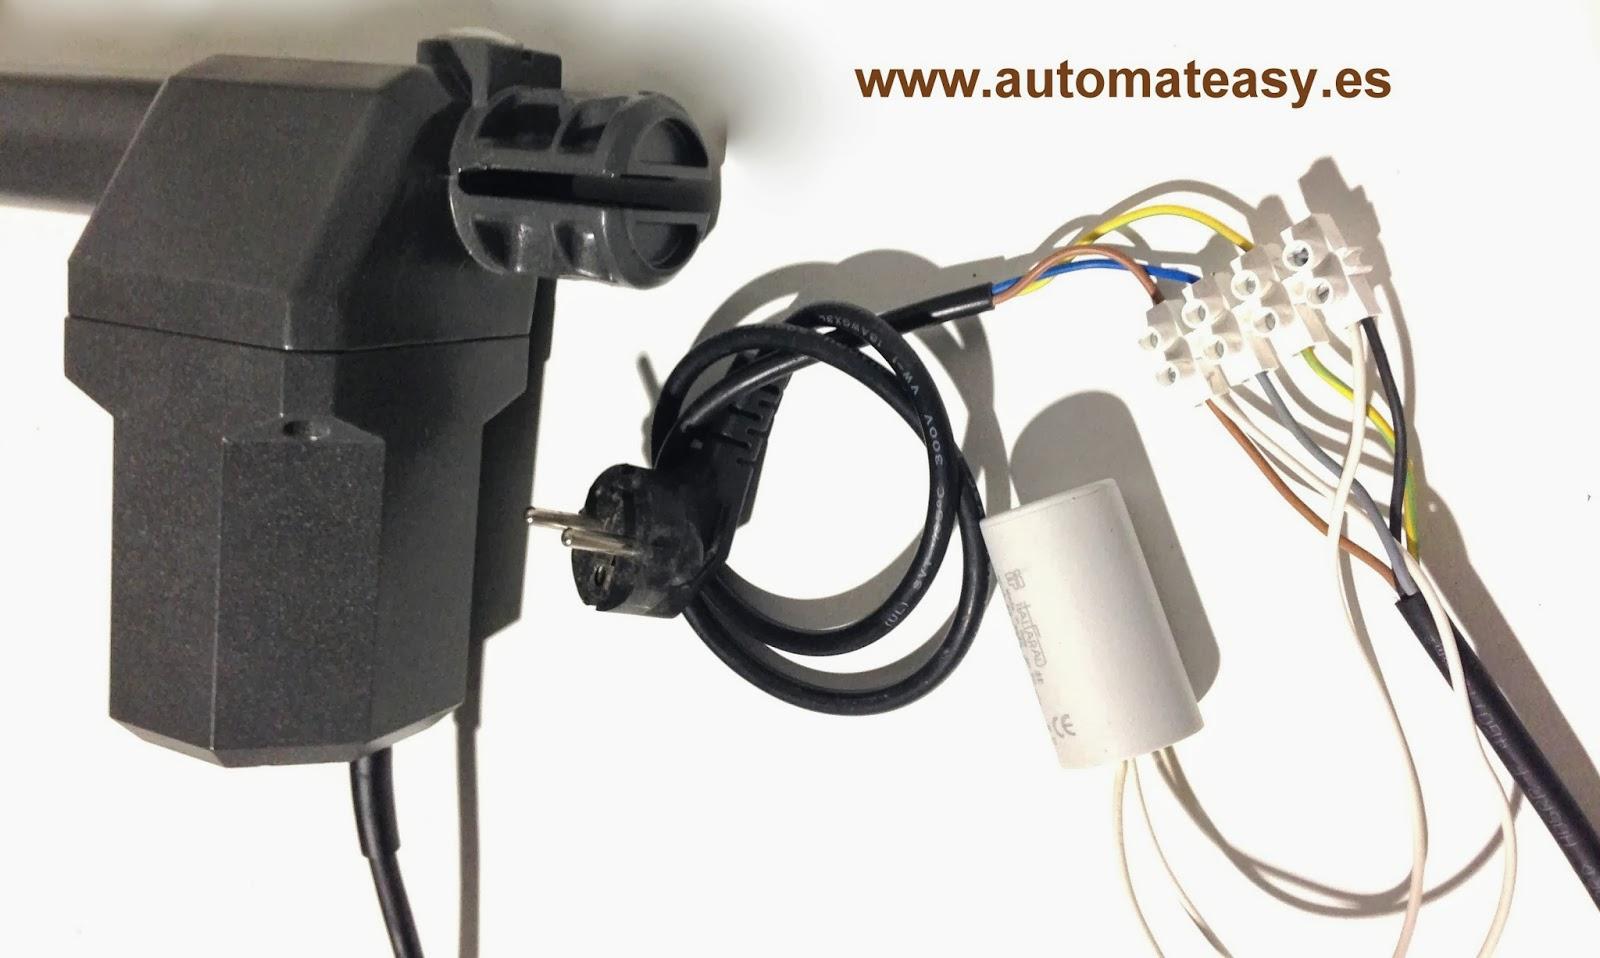 Como motorizar puertas batiente de 2 hojas automateasy - Como instalar un motor de puerta de garaje ...